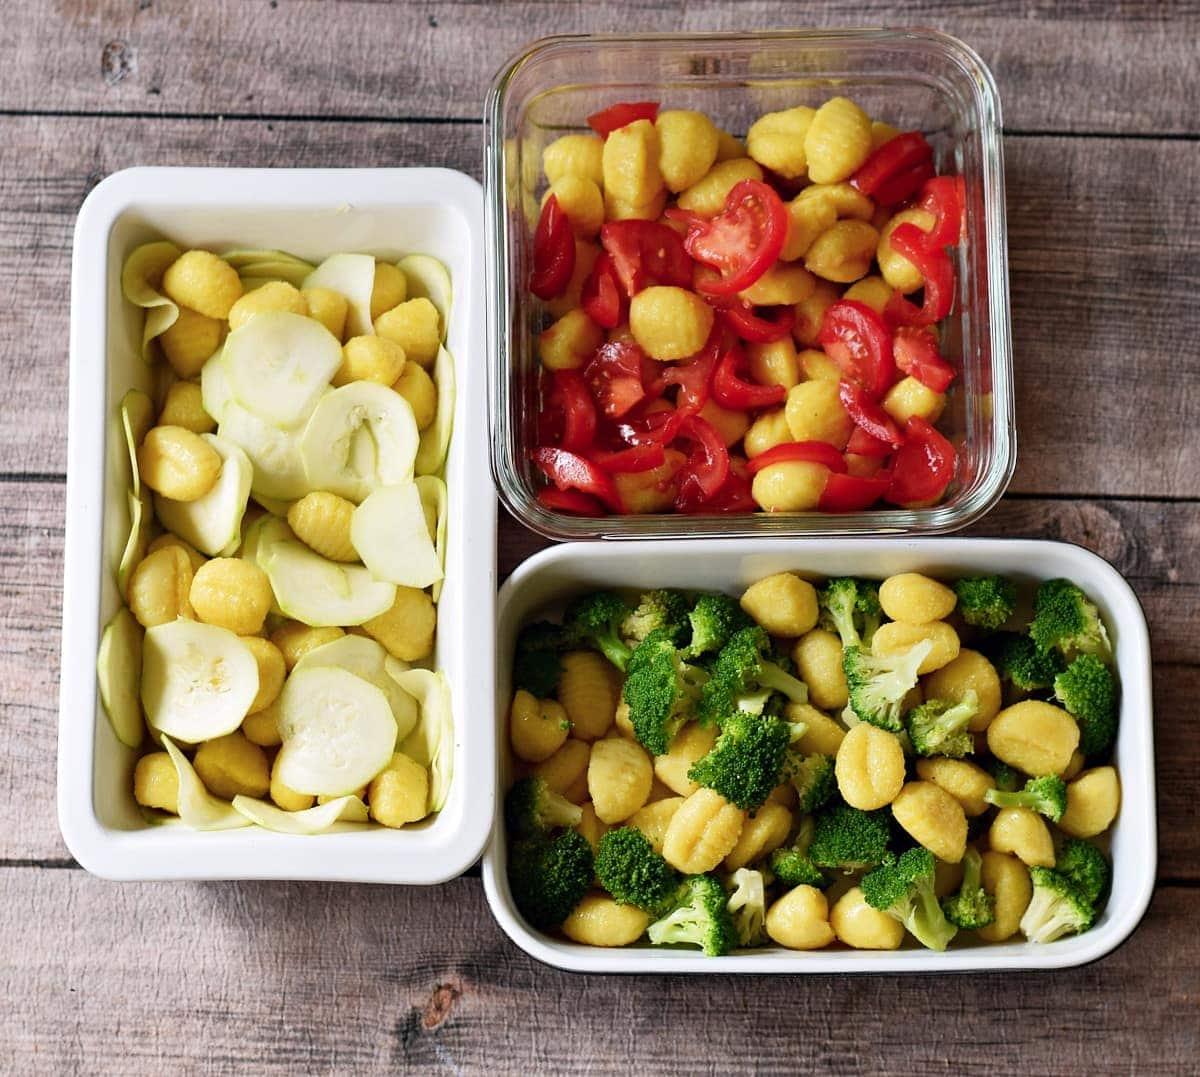 gnocchi and veggies in 3 baking pans